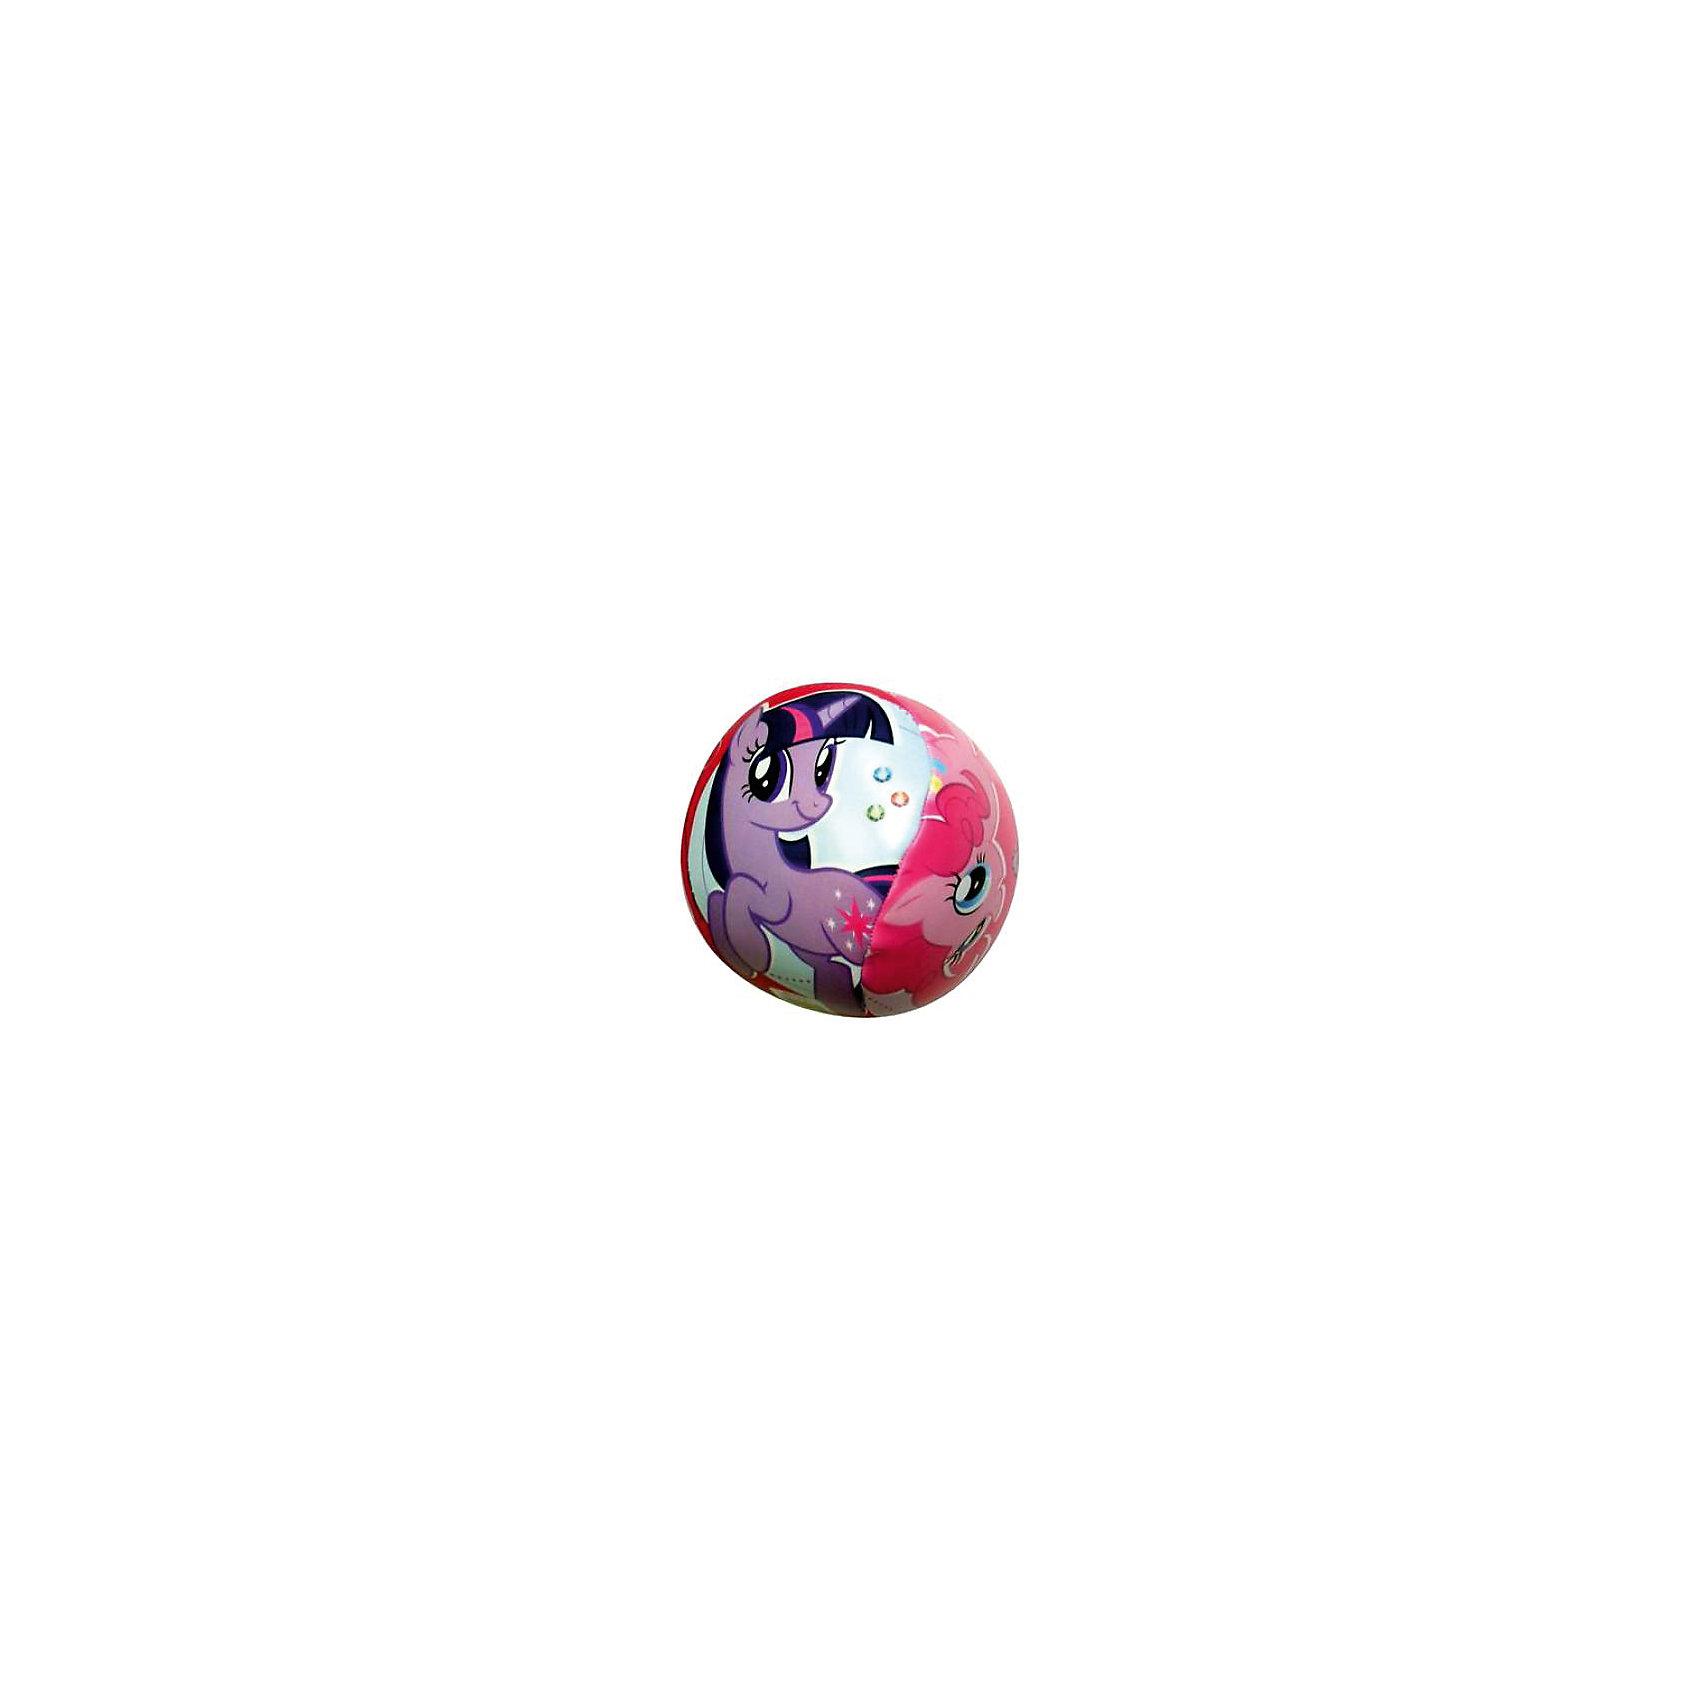 Мяч Моя маленькая пони, 100 мм, JohnМяч Моя маленькая пони, 100 мм, John (Джон).<br><br>Характеристика:<br><br>• Материал: ПВХ, пластизоль.   <br>• Размер: 10 см. <br>• Оформлен изображениями героинь My Little Pony (Май Литл Пони).<br><br>Мяч с изображением очаровательных героинь мультсериала My Little Pony (Май Литл Пони) обязательно понравится любой девочке! Мяч отлично отскакивает от любой поверхности, изготовлен из прочных экологичных материалов абсолютно безопасных для детей, подходит для игр на улице и в помещении.<br>Игры с мячом помогают развить моторику рук, координацию, внимание и, конечно, подарят детям много положительных эмоций и веселья!<br><br>Мяч Моя маленькая пони, 100 мм, John (Джон), можно купить в нашем интернет-магазине.<br><br>Ширина мм: 100<br>Глубина мм: 100<br>Высота мм: 100<br>Вес г: 83<br>Возраст от месяцев: 12<br>Возраст до месяцев: 144<br>Пол: Женский<br>Возраст: Детский<br>SKU: 4026296